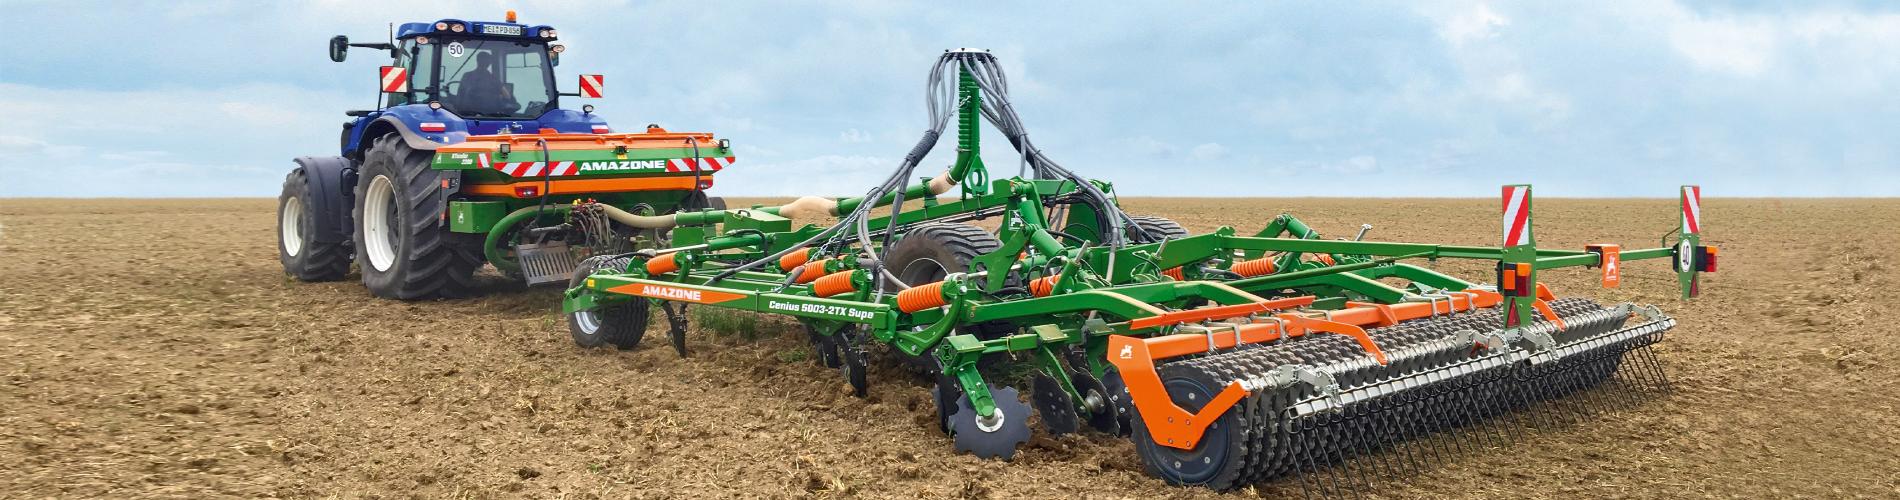 AMAZONE žemės ūkio technika šių metų rudens darbams